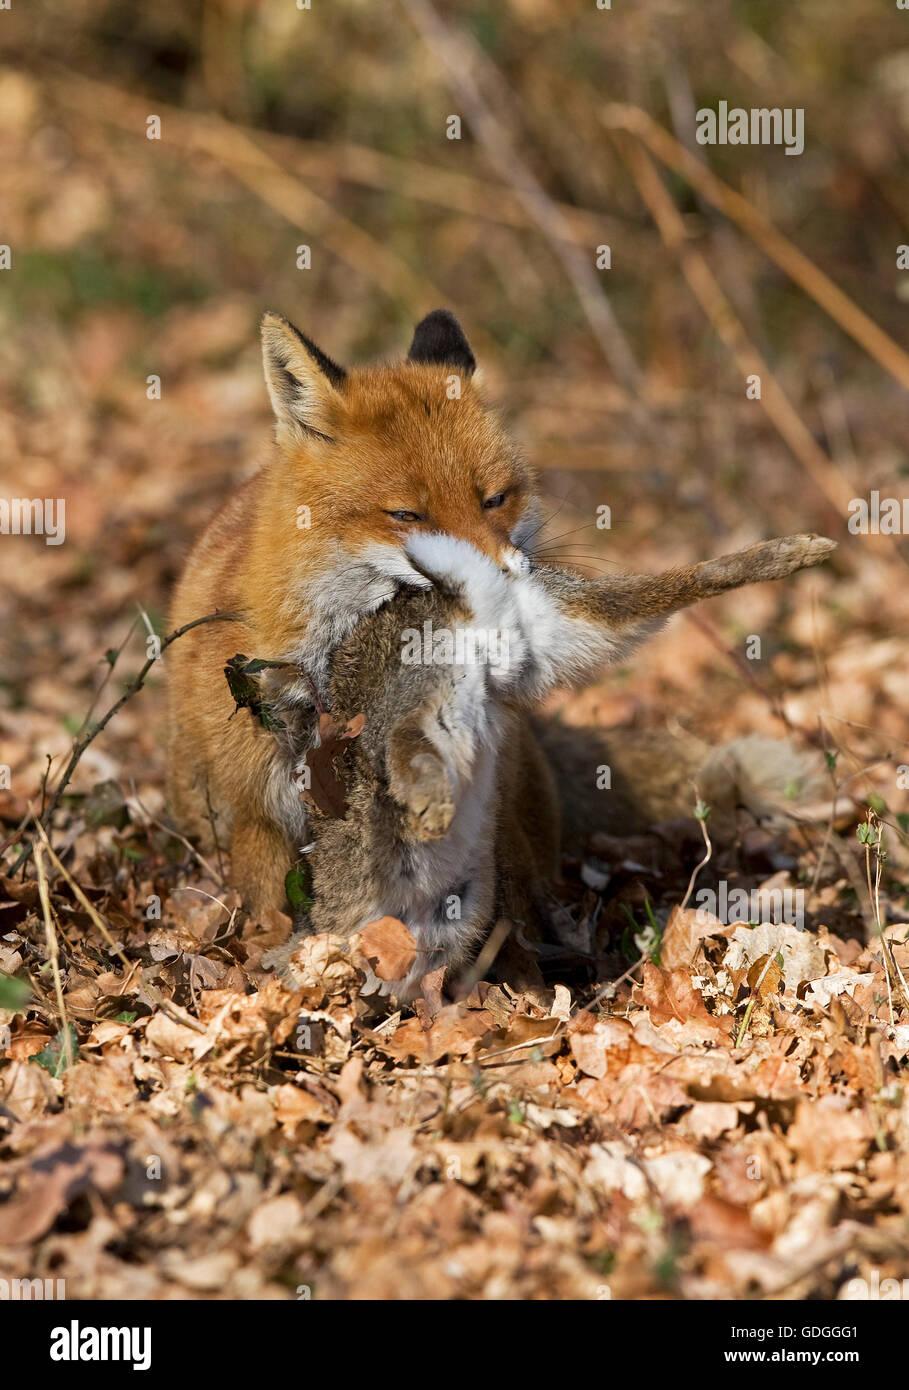 Le renard roux, Vulpes vulpes, homme avec un Kill, un lapin sauvage, Normandie Banque D'Images